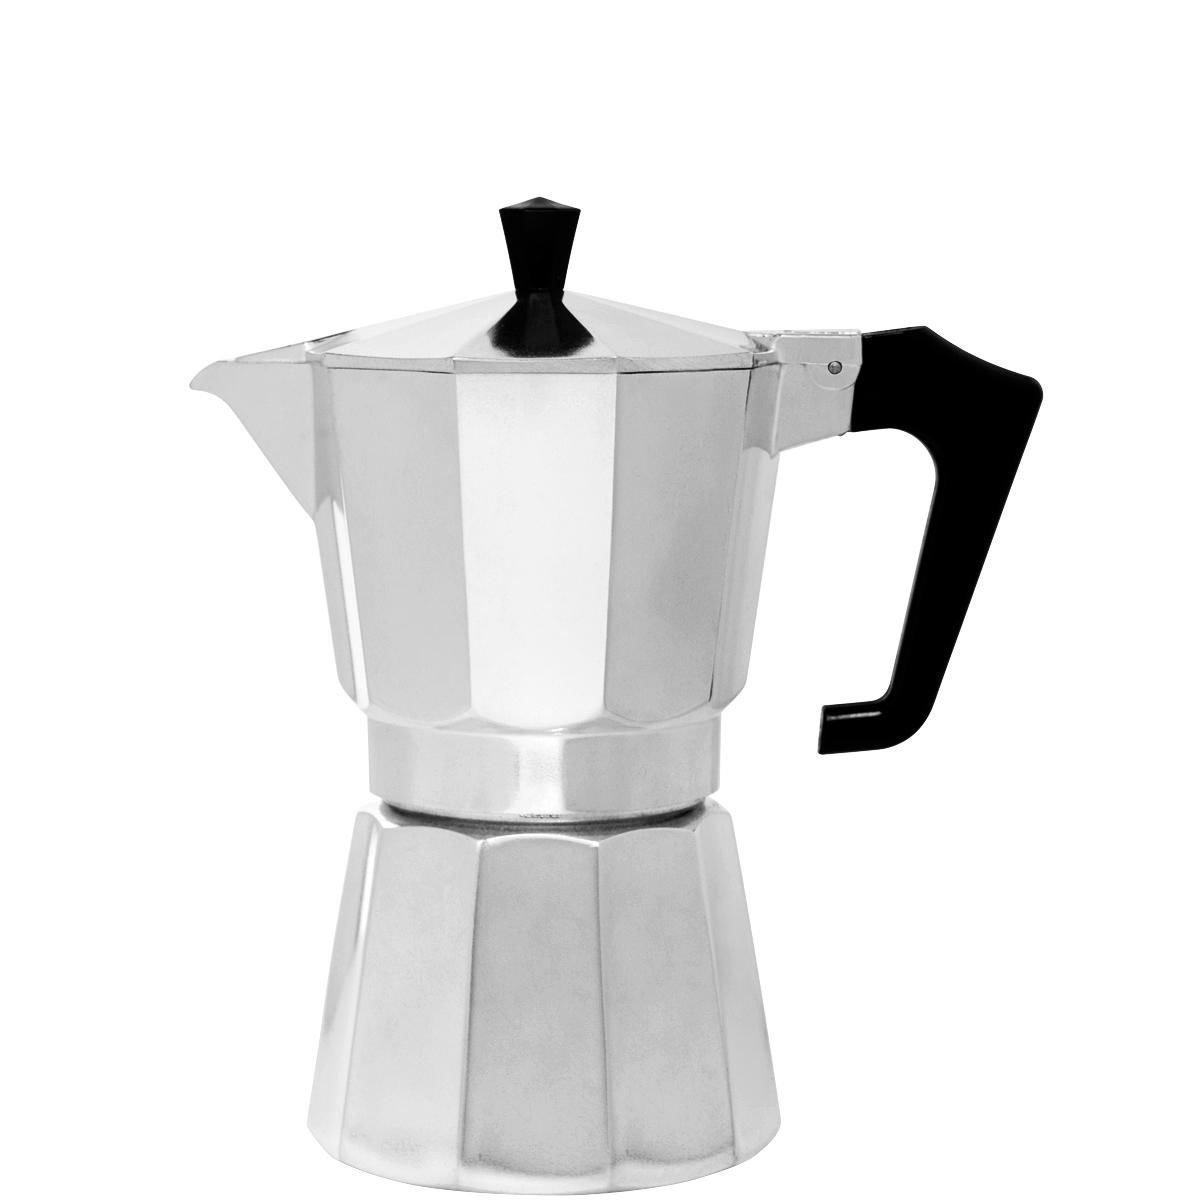 Italienischer Kaffeebereiter - fü r 6 Tassen - Aluminium - Esperto -BUTLERS